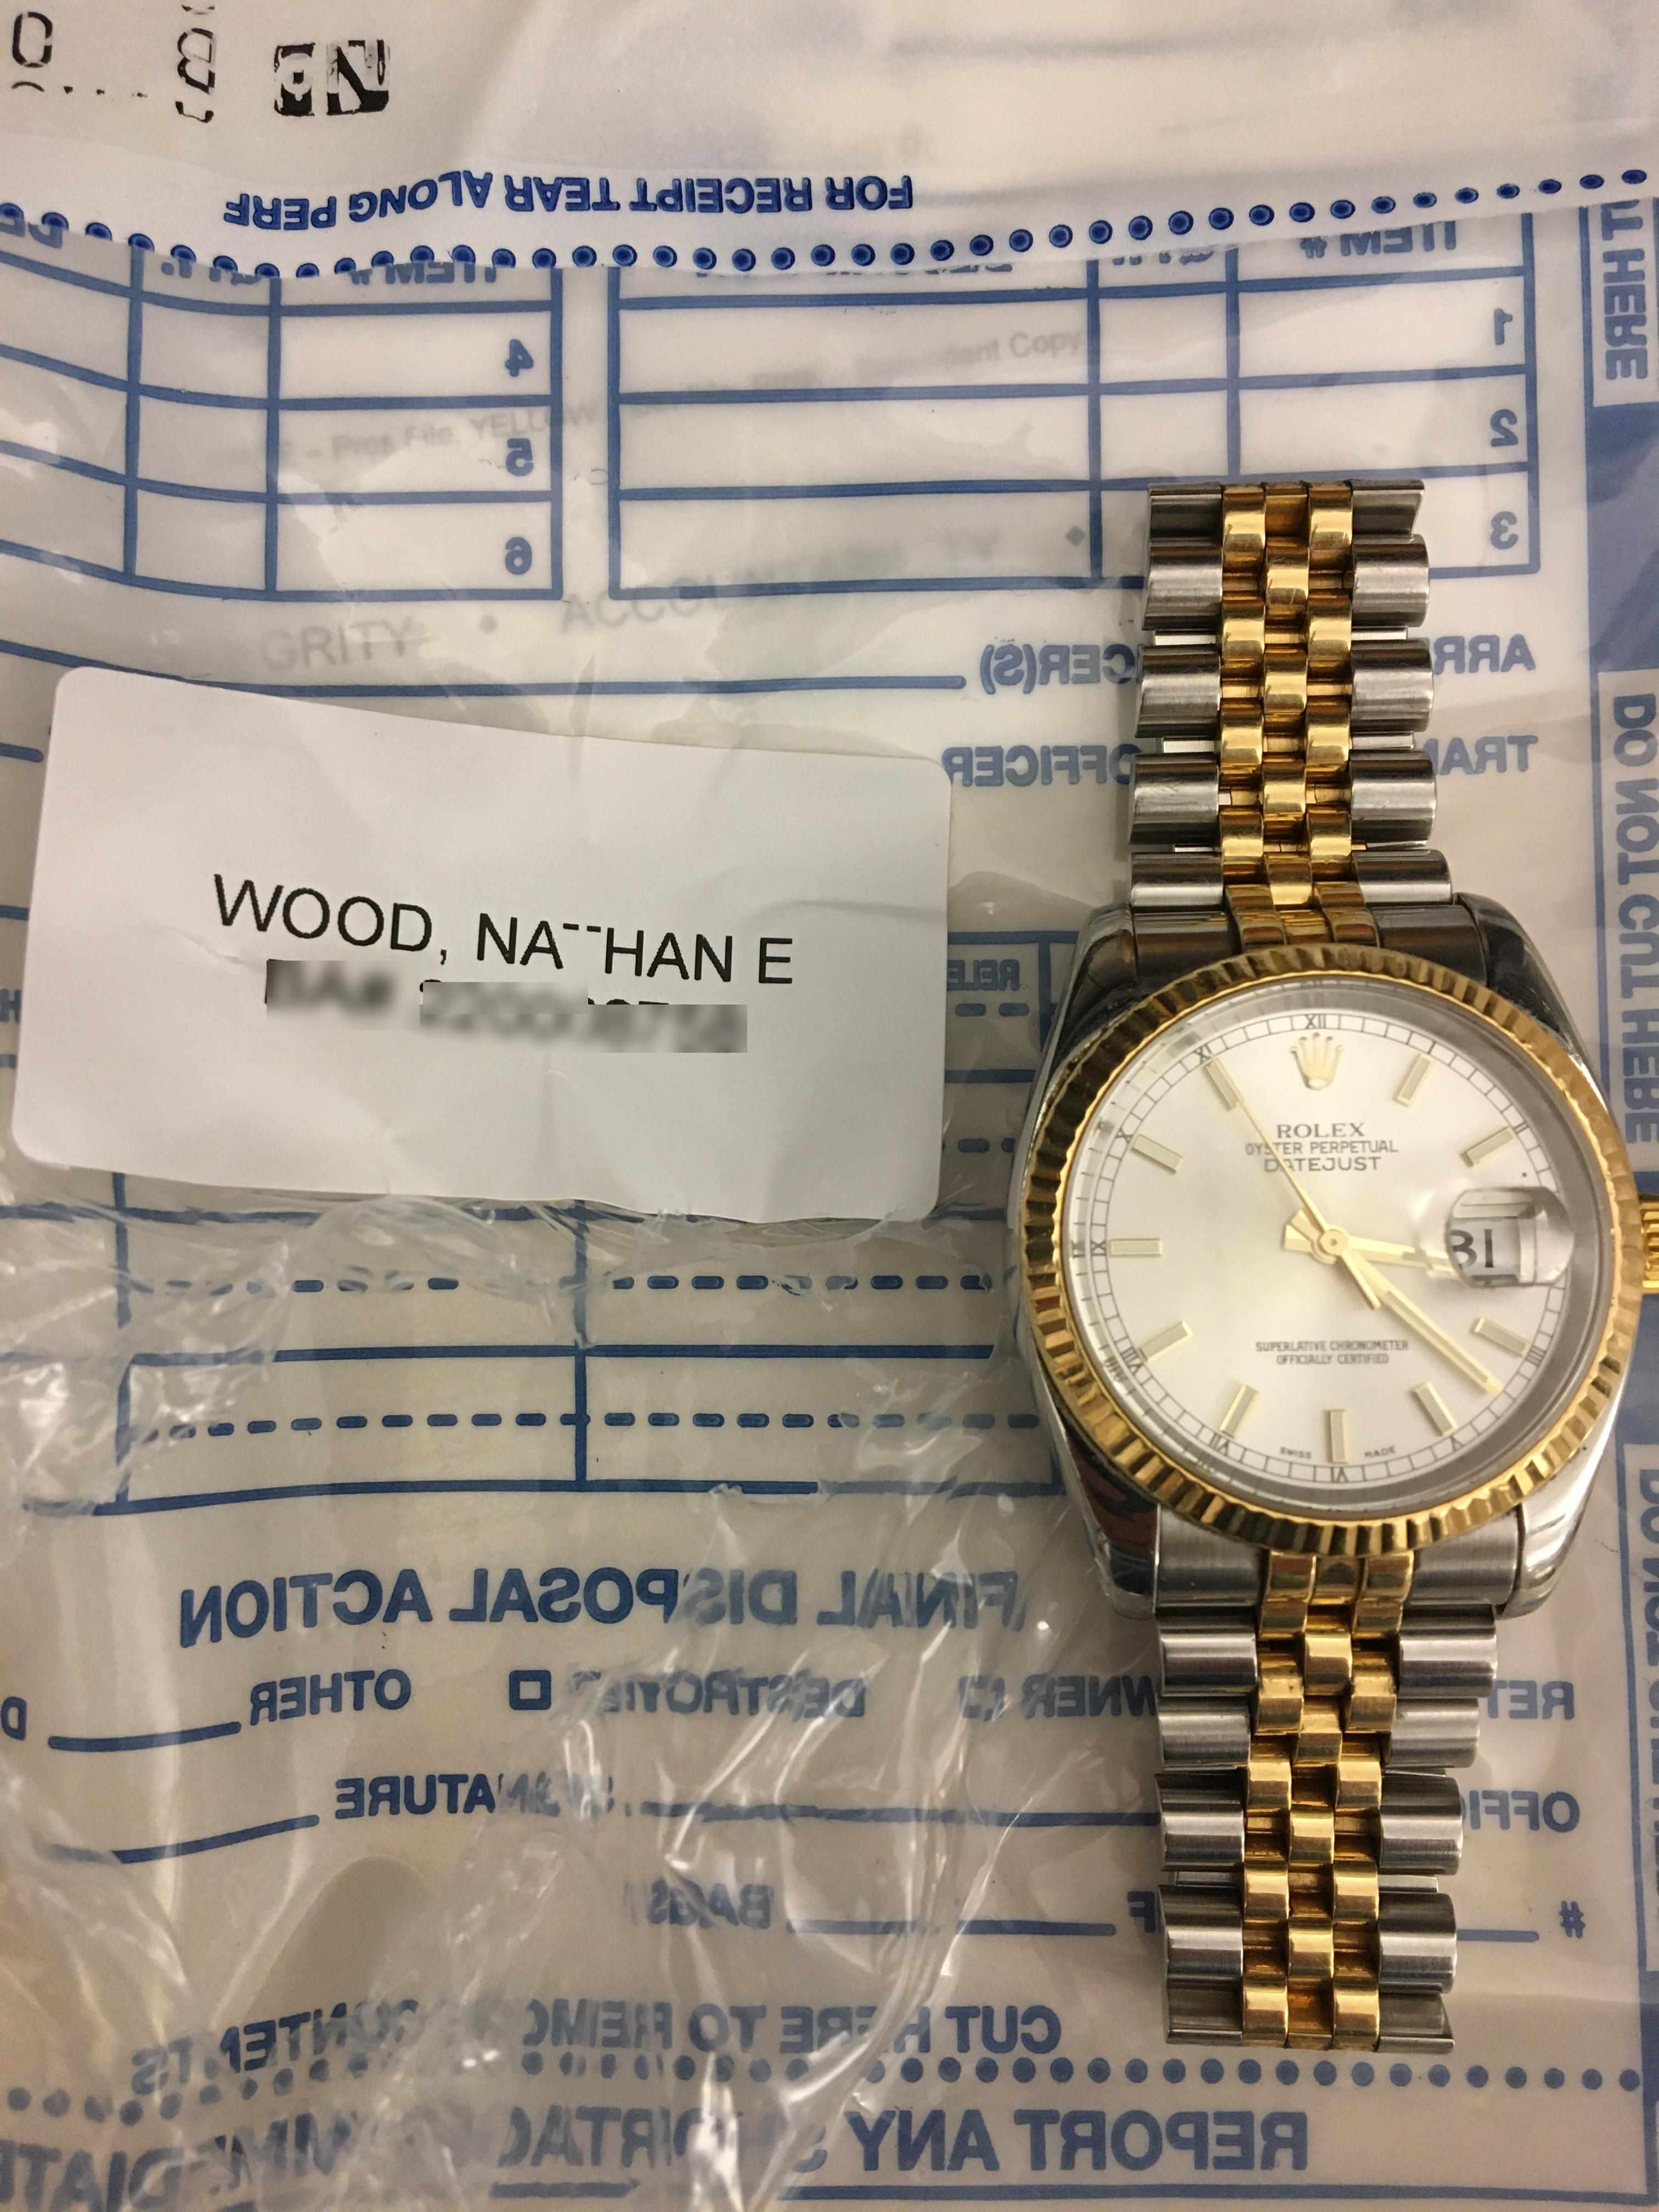 2020-05-06 11_51_55-Rolex